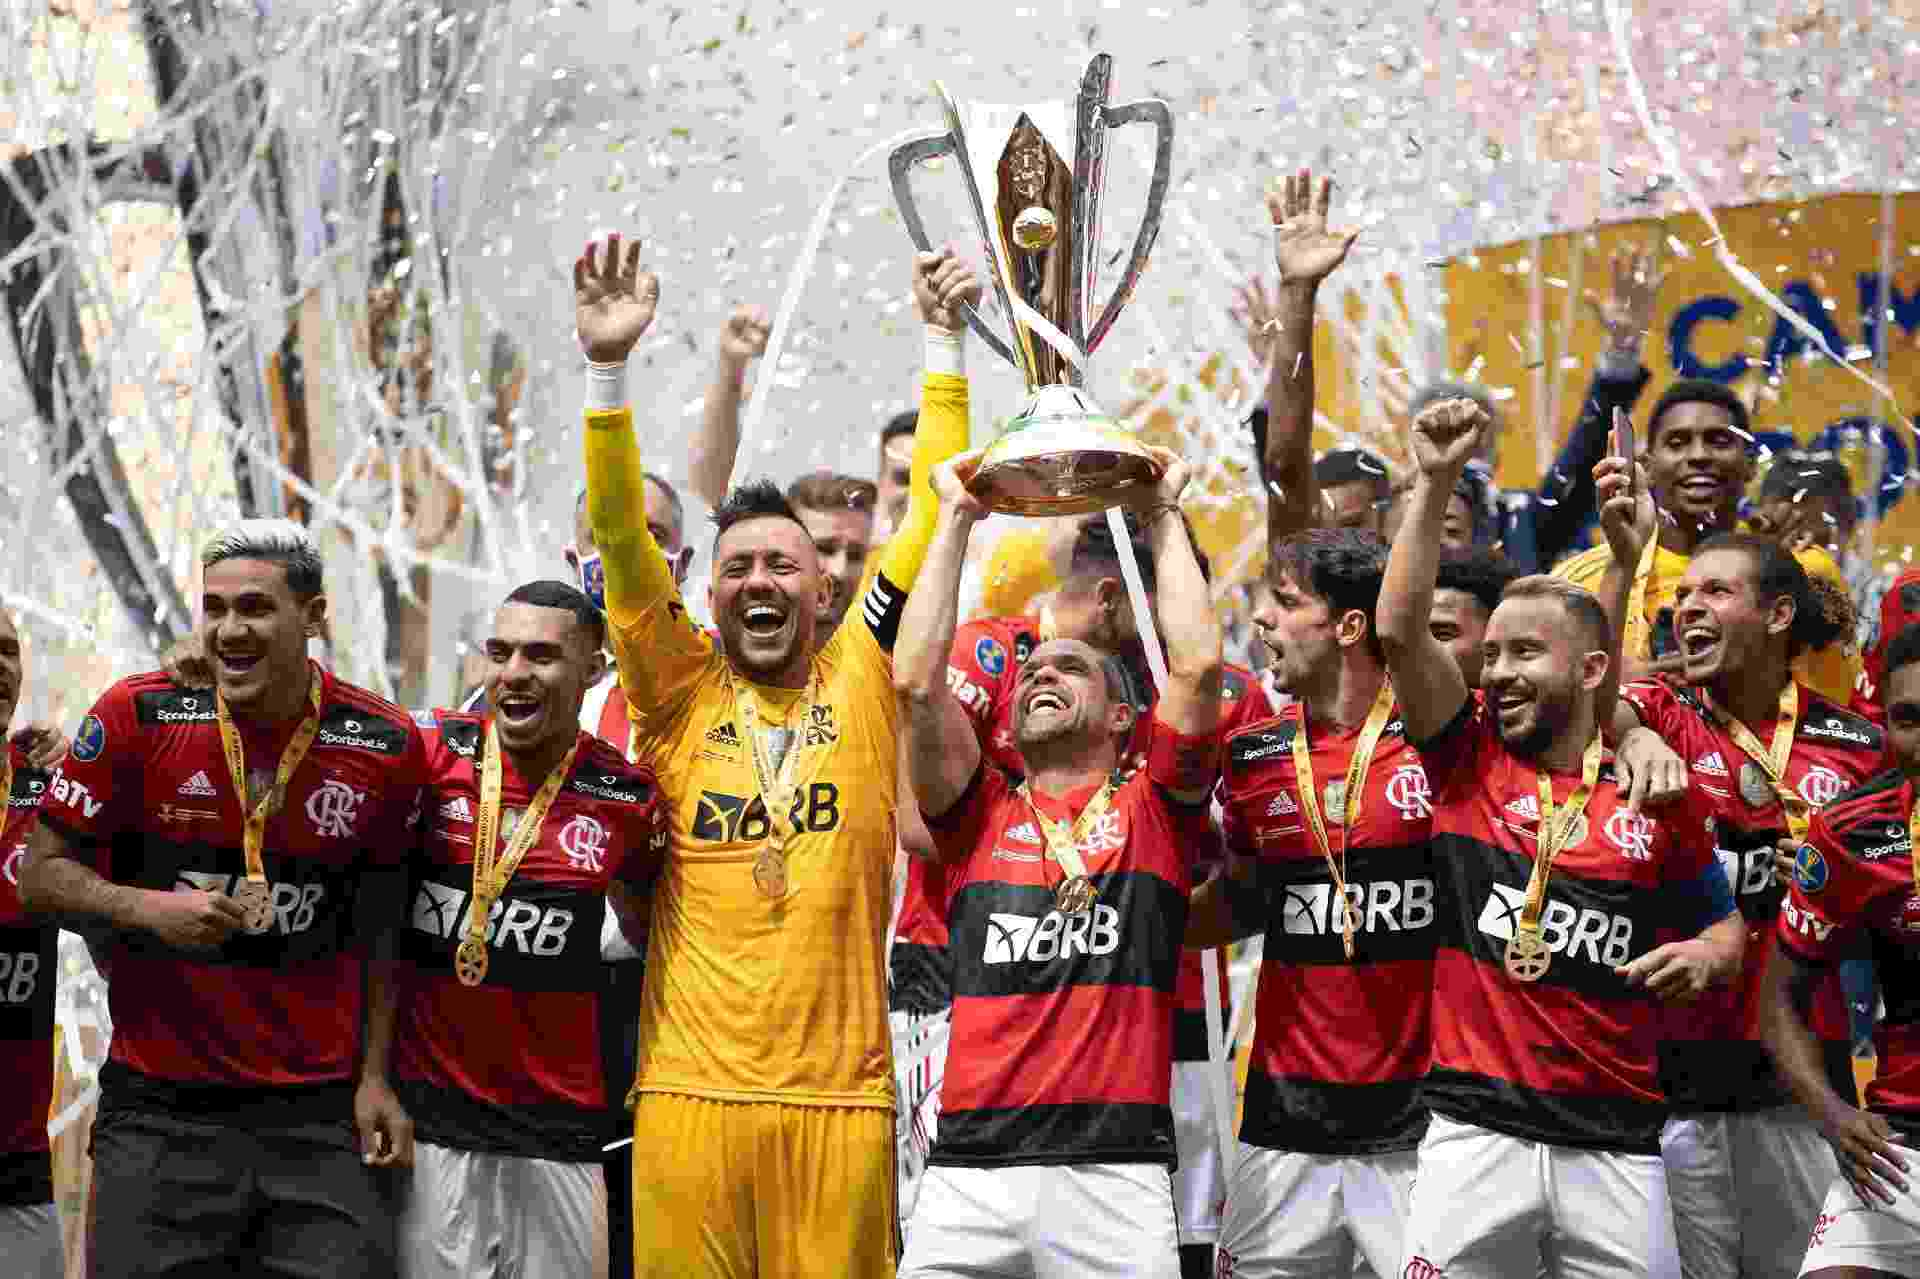 Jogadores do Flamengo levantam a taça da Supercopa do Brasil - Lucas Figueiredo/CBF